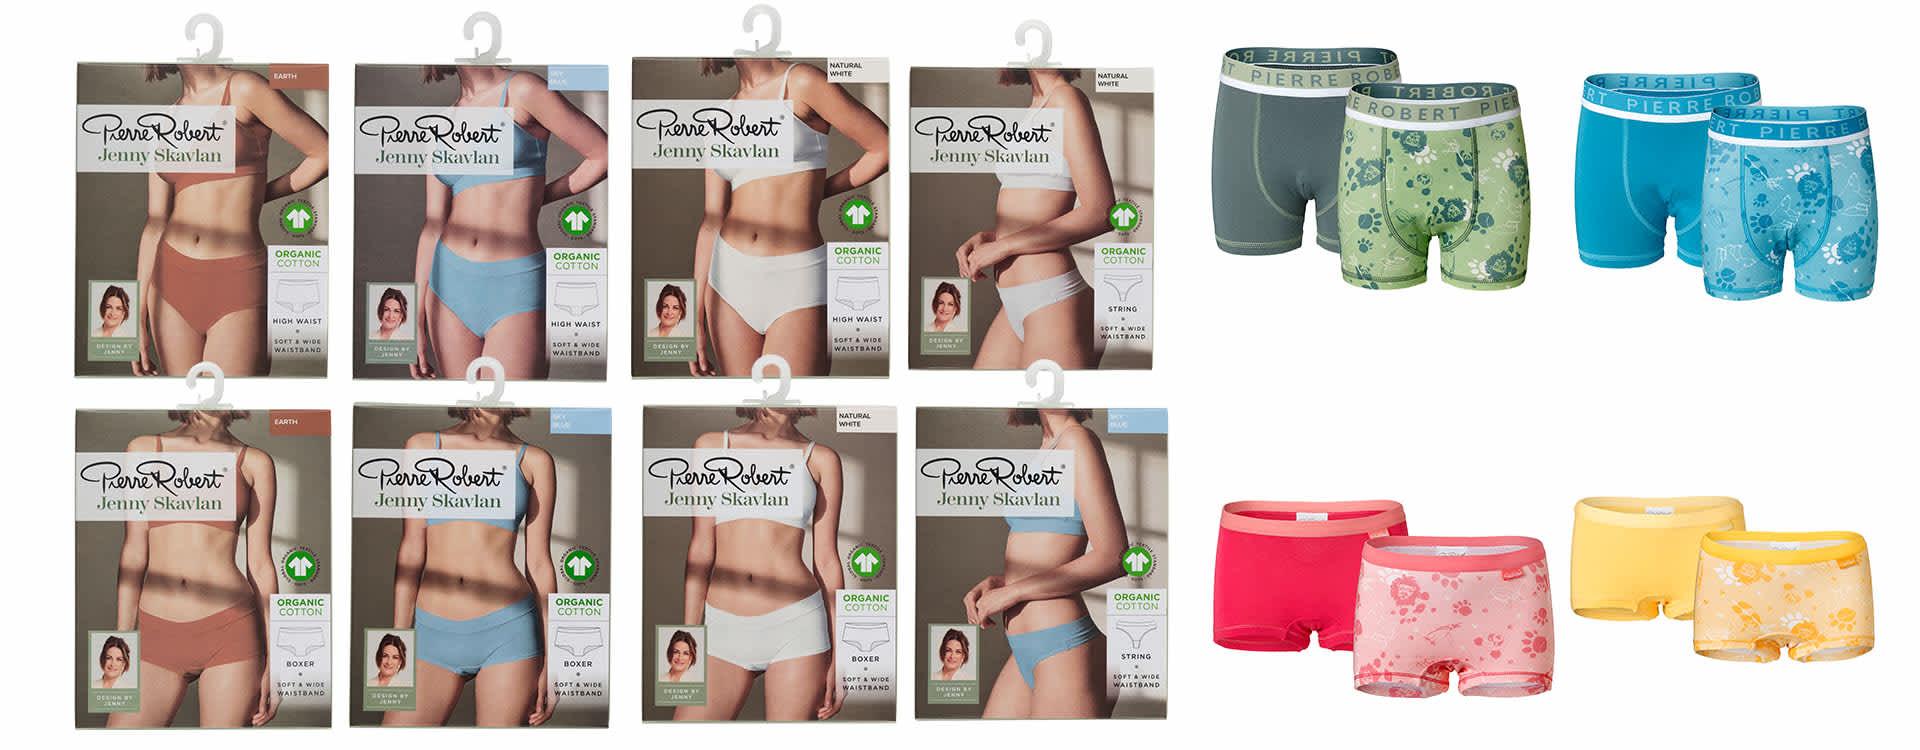 Disse selges i alle KIWI-butikker: Slik ser Jenny Skavlans undertøykolleksjon fra Pierre Robert ut. Illustrasjonene på barneundertøyet har hun tegnet selv.